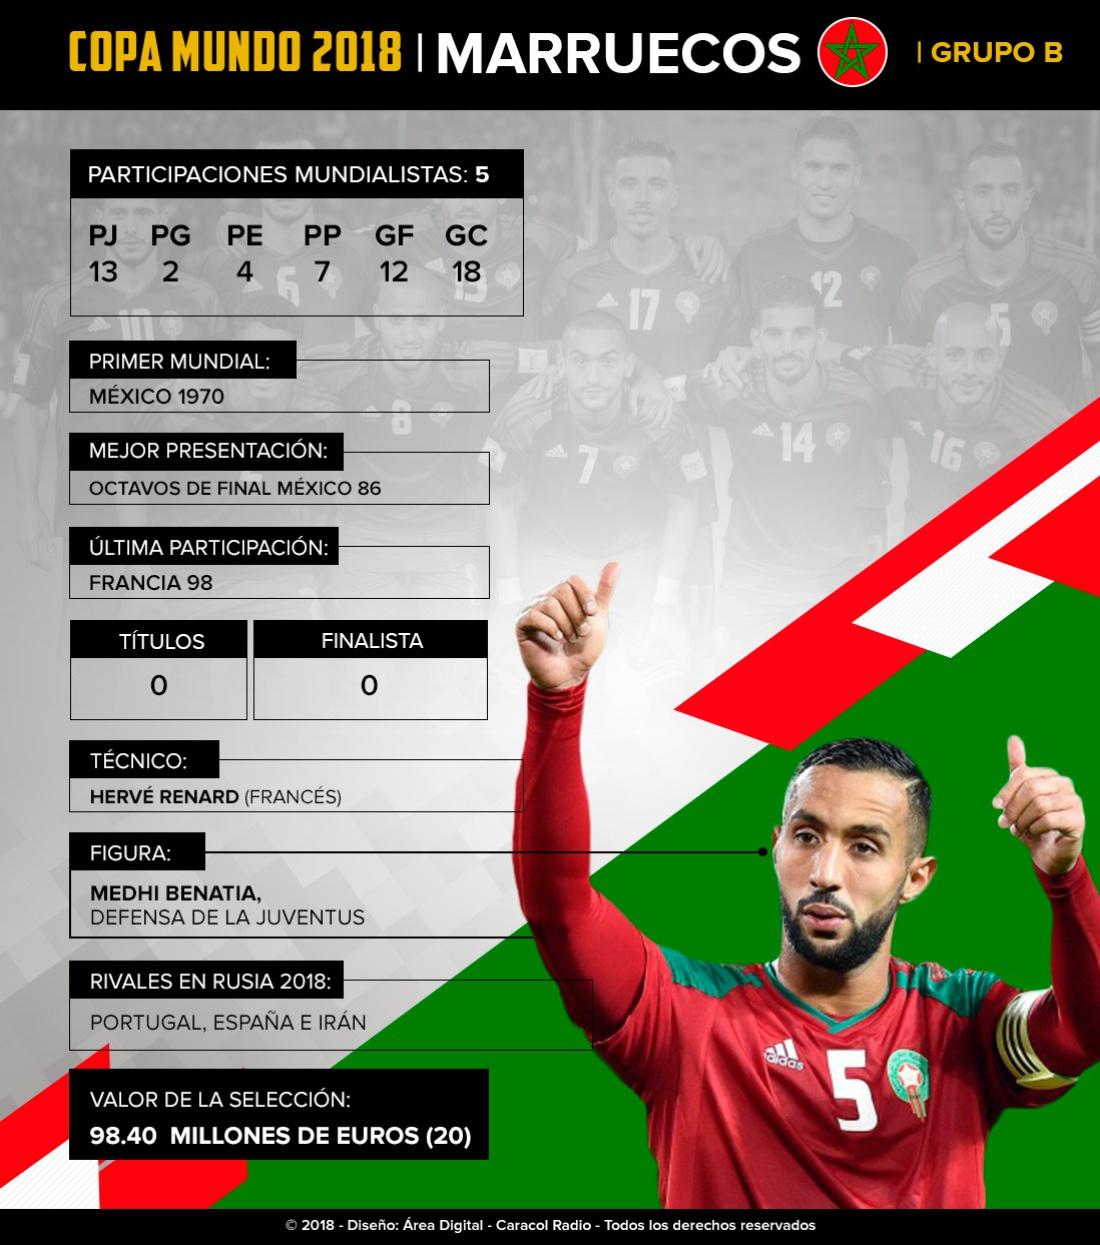 Mundial 2018: Marruecos: Los africanos buscarán llegar a Octavos de final por segunda vez